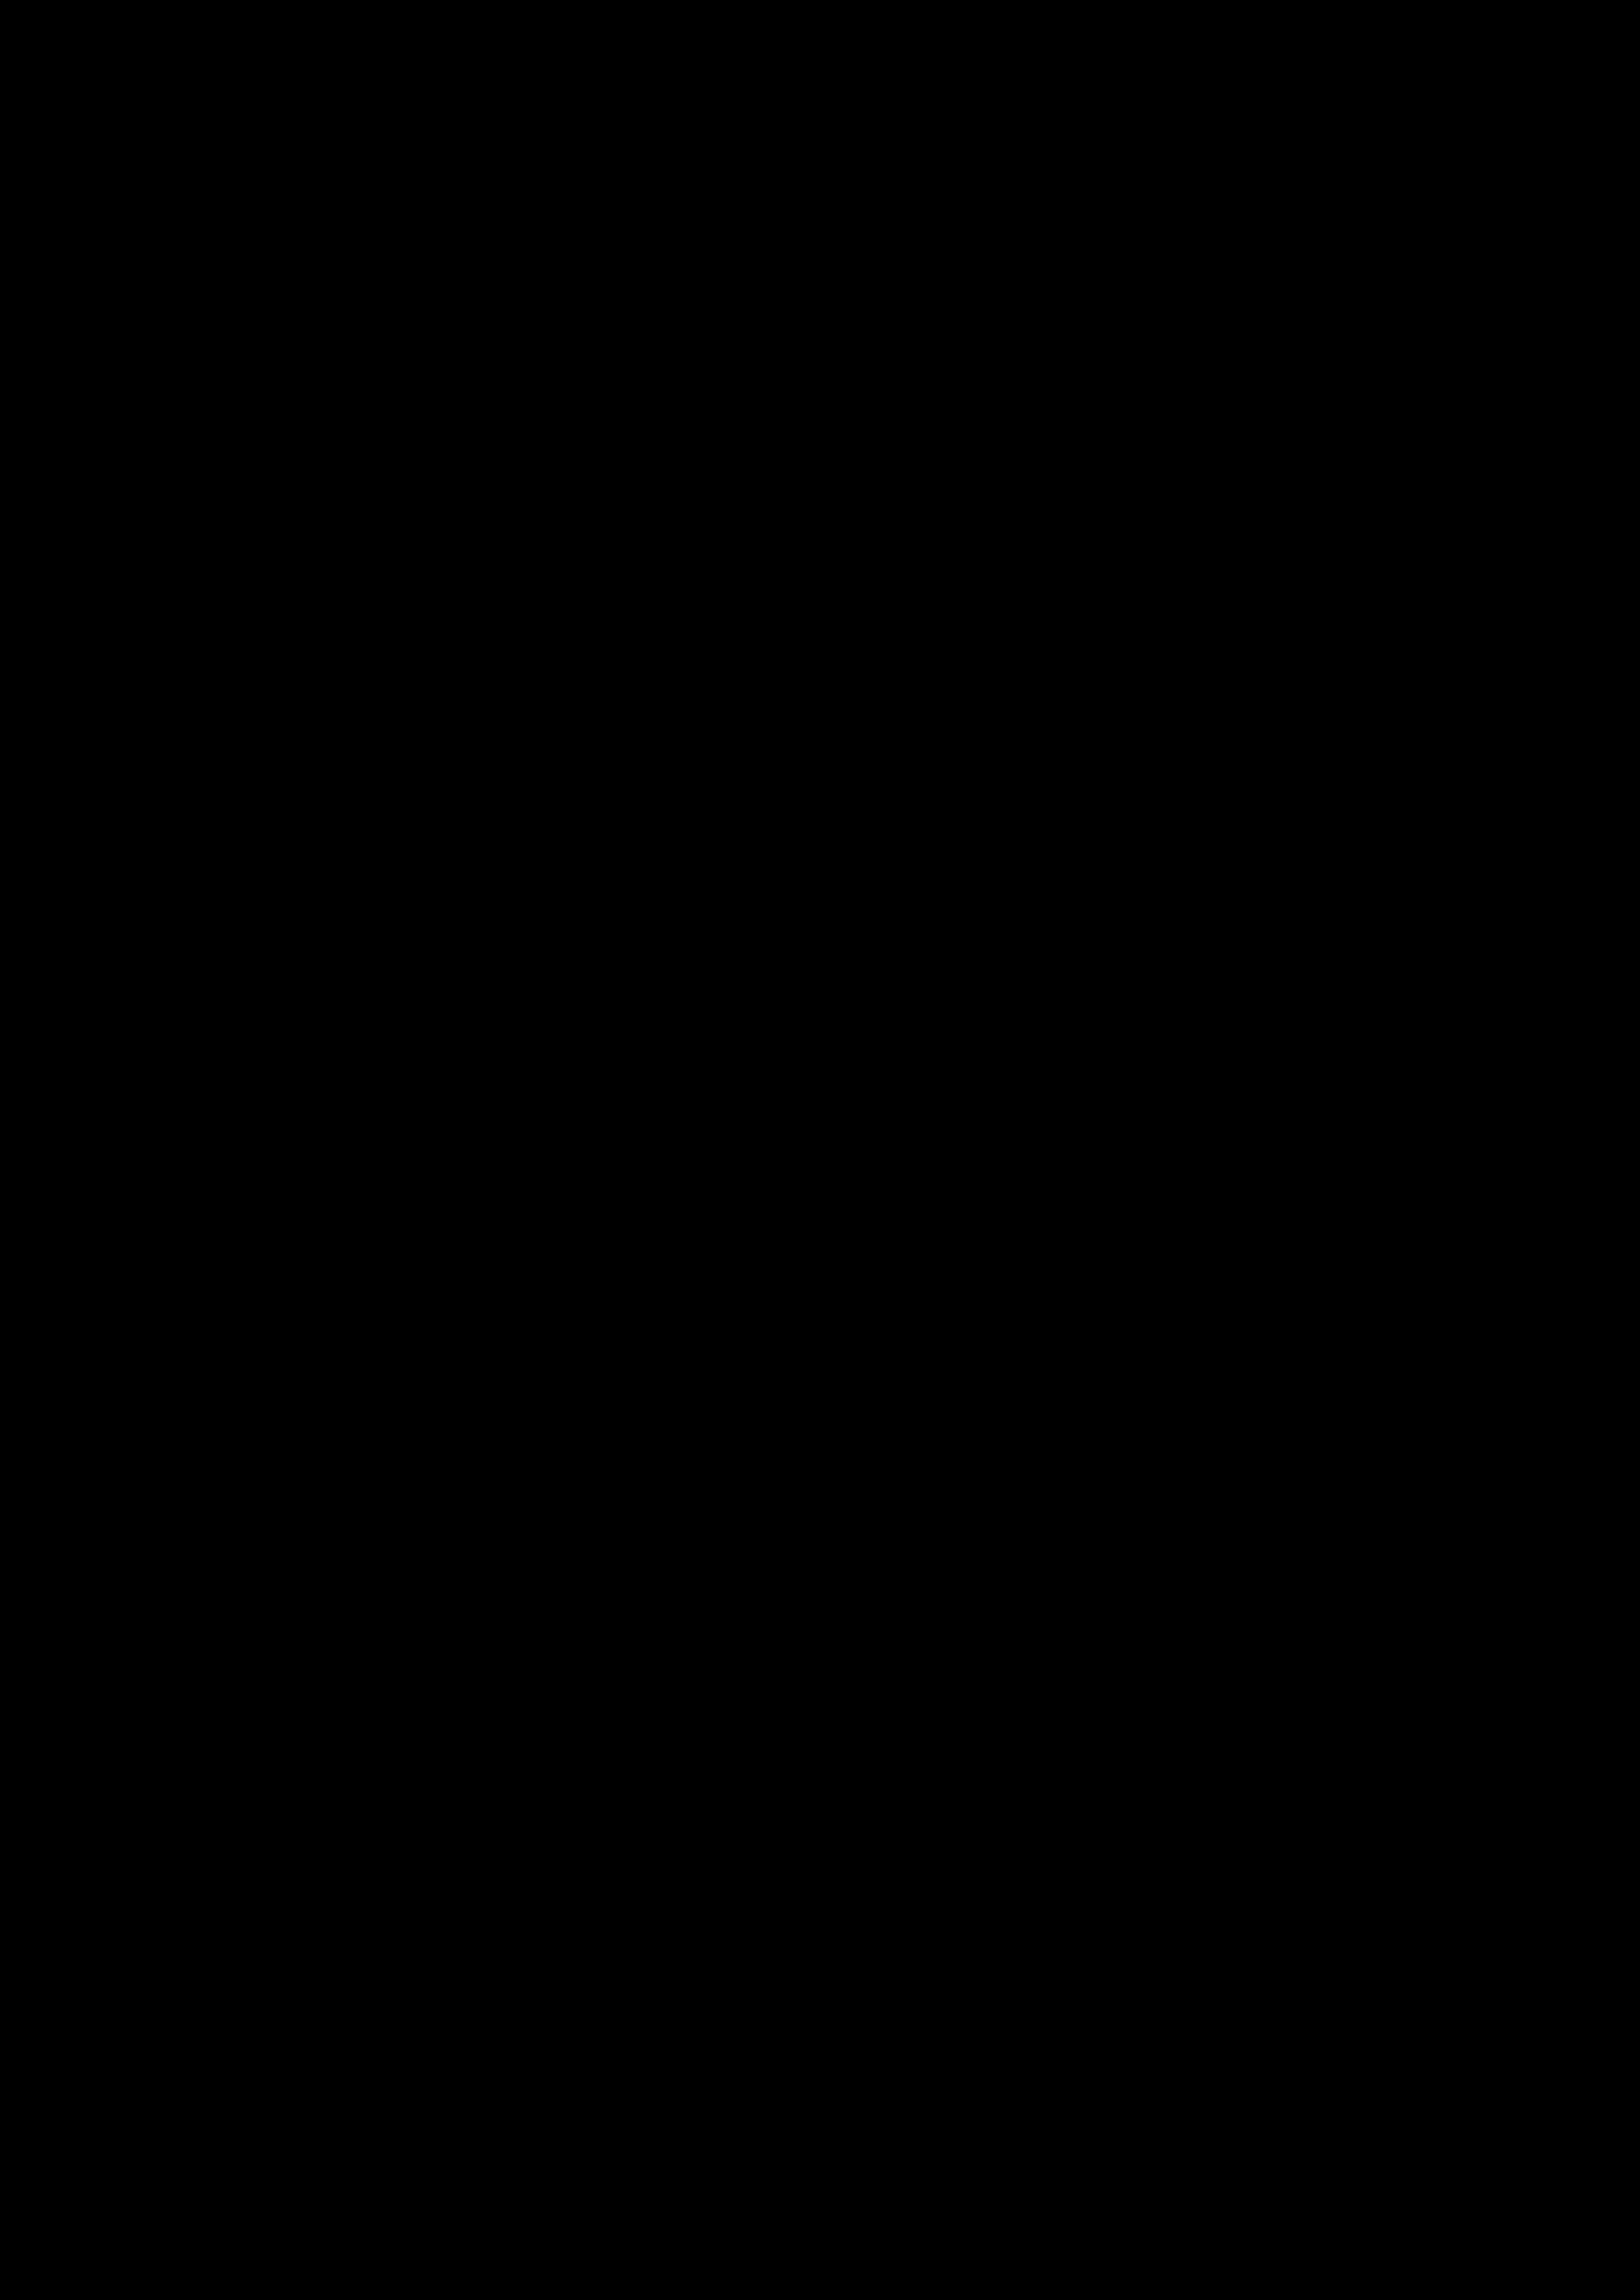 u2 tribute green covers logroño